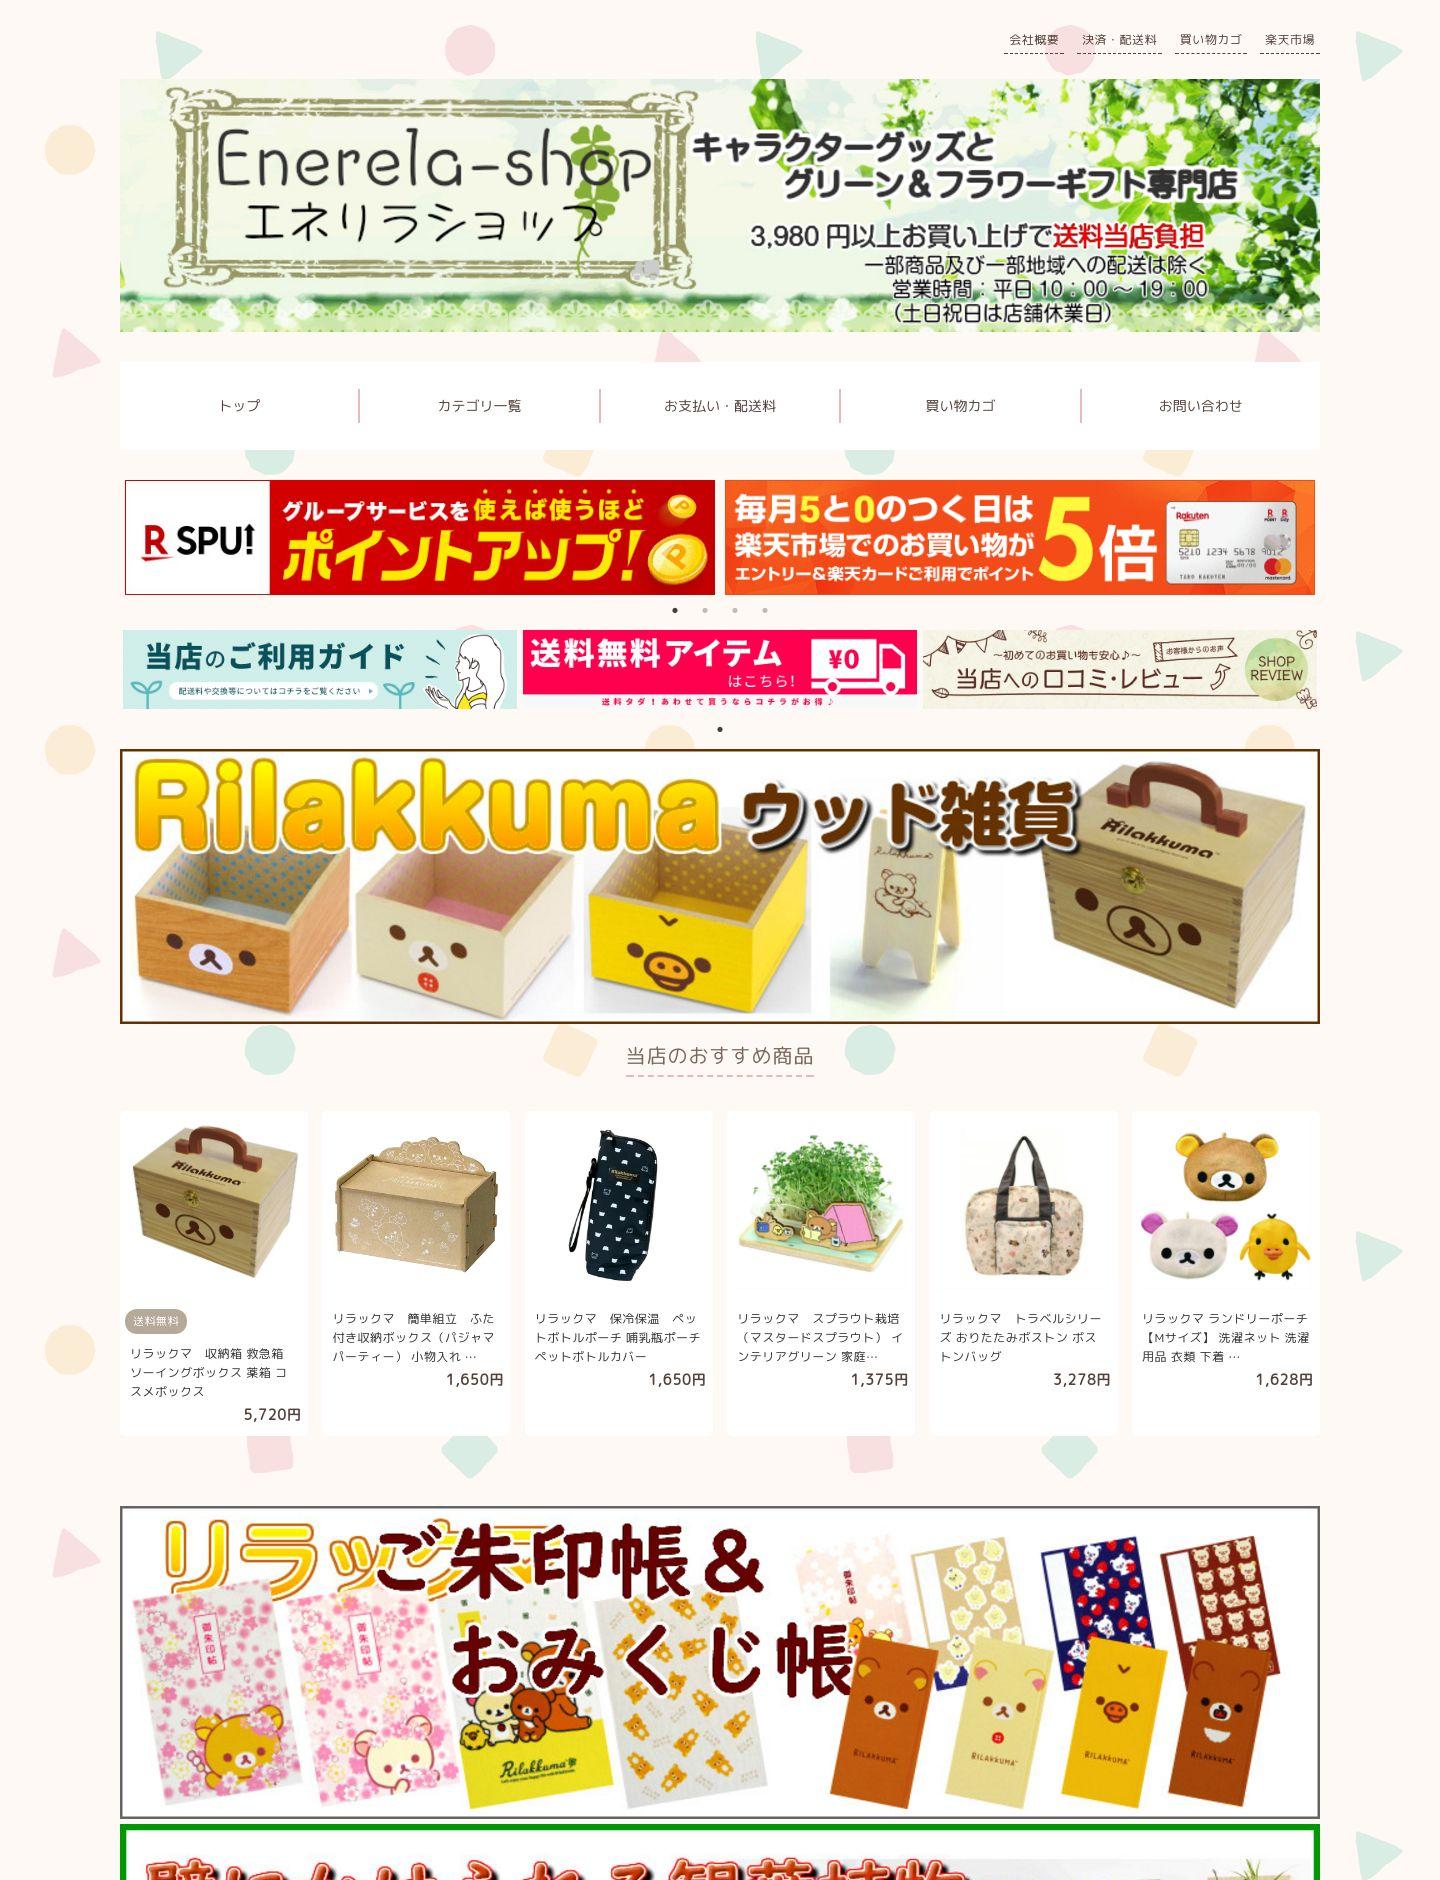 Enerela-shop様 サイト画像